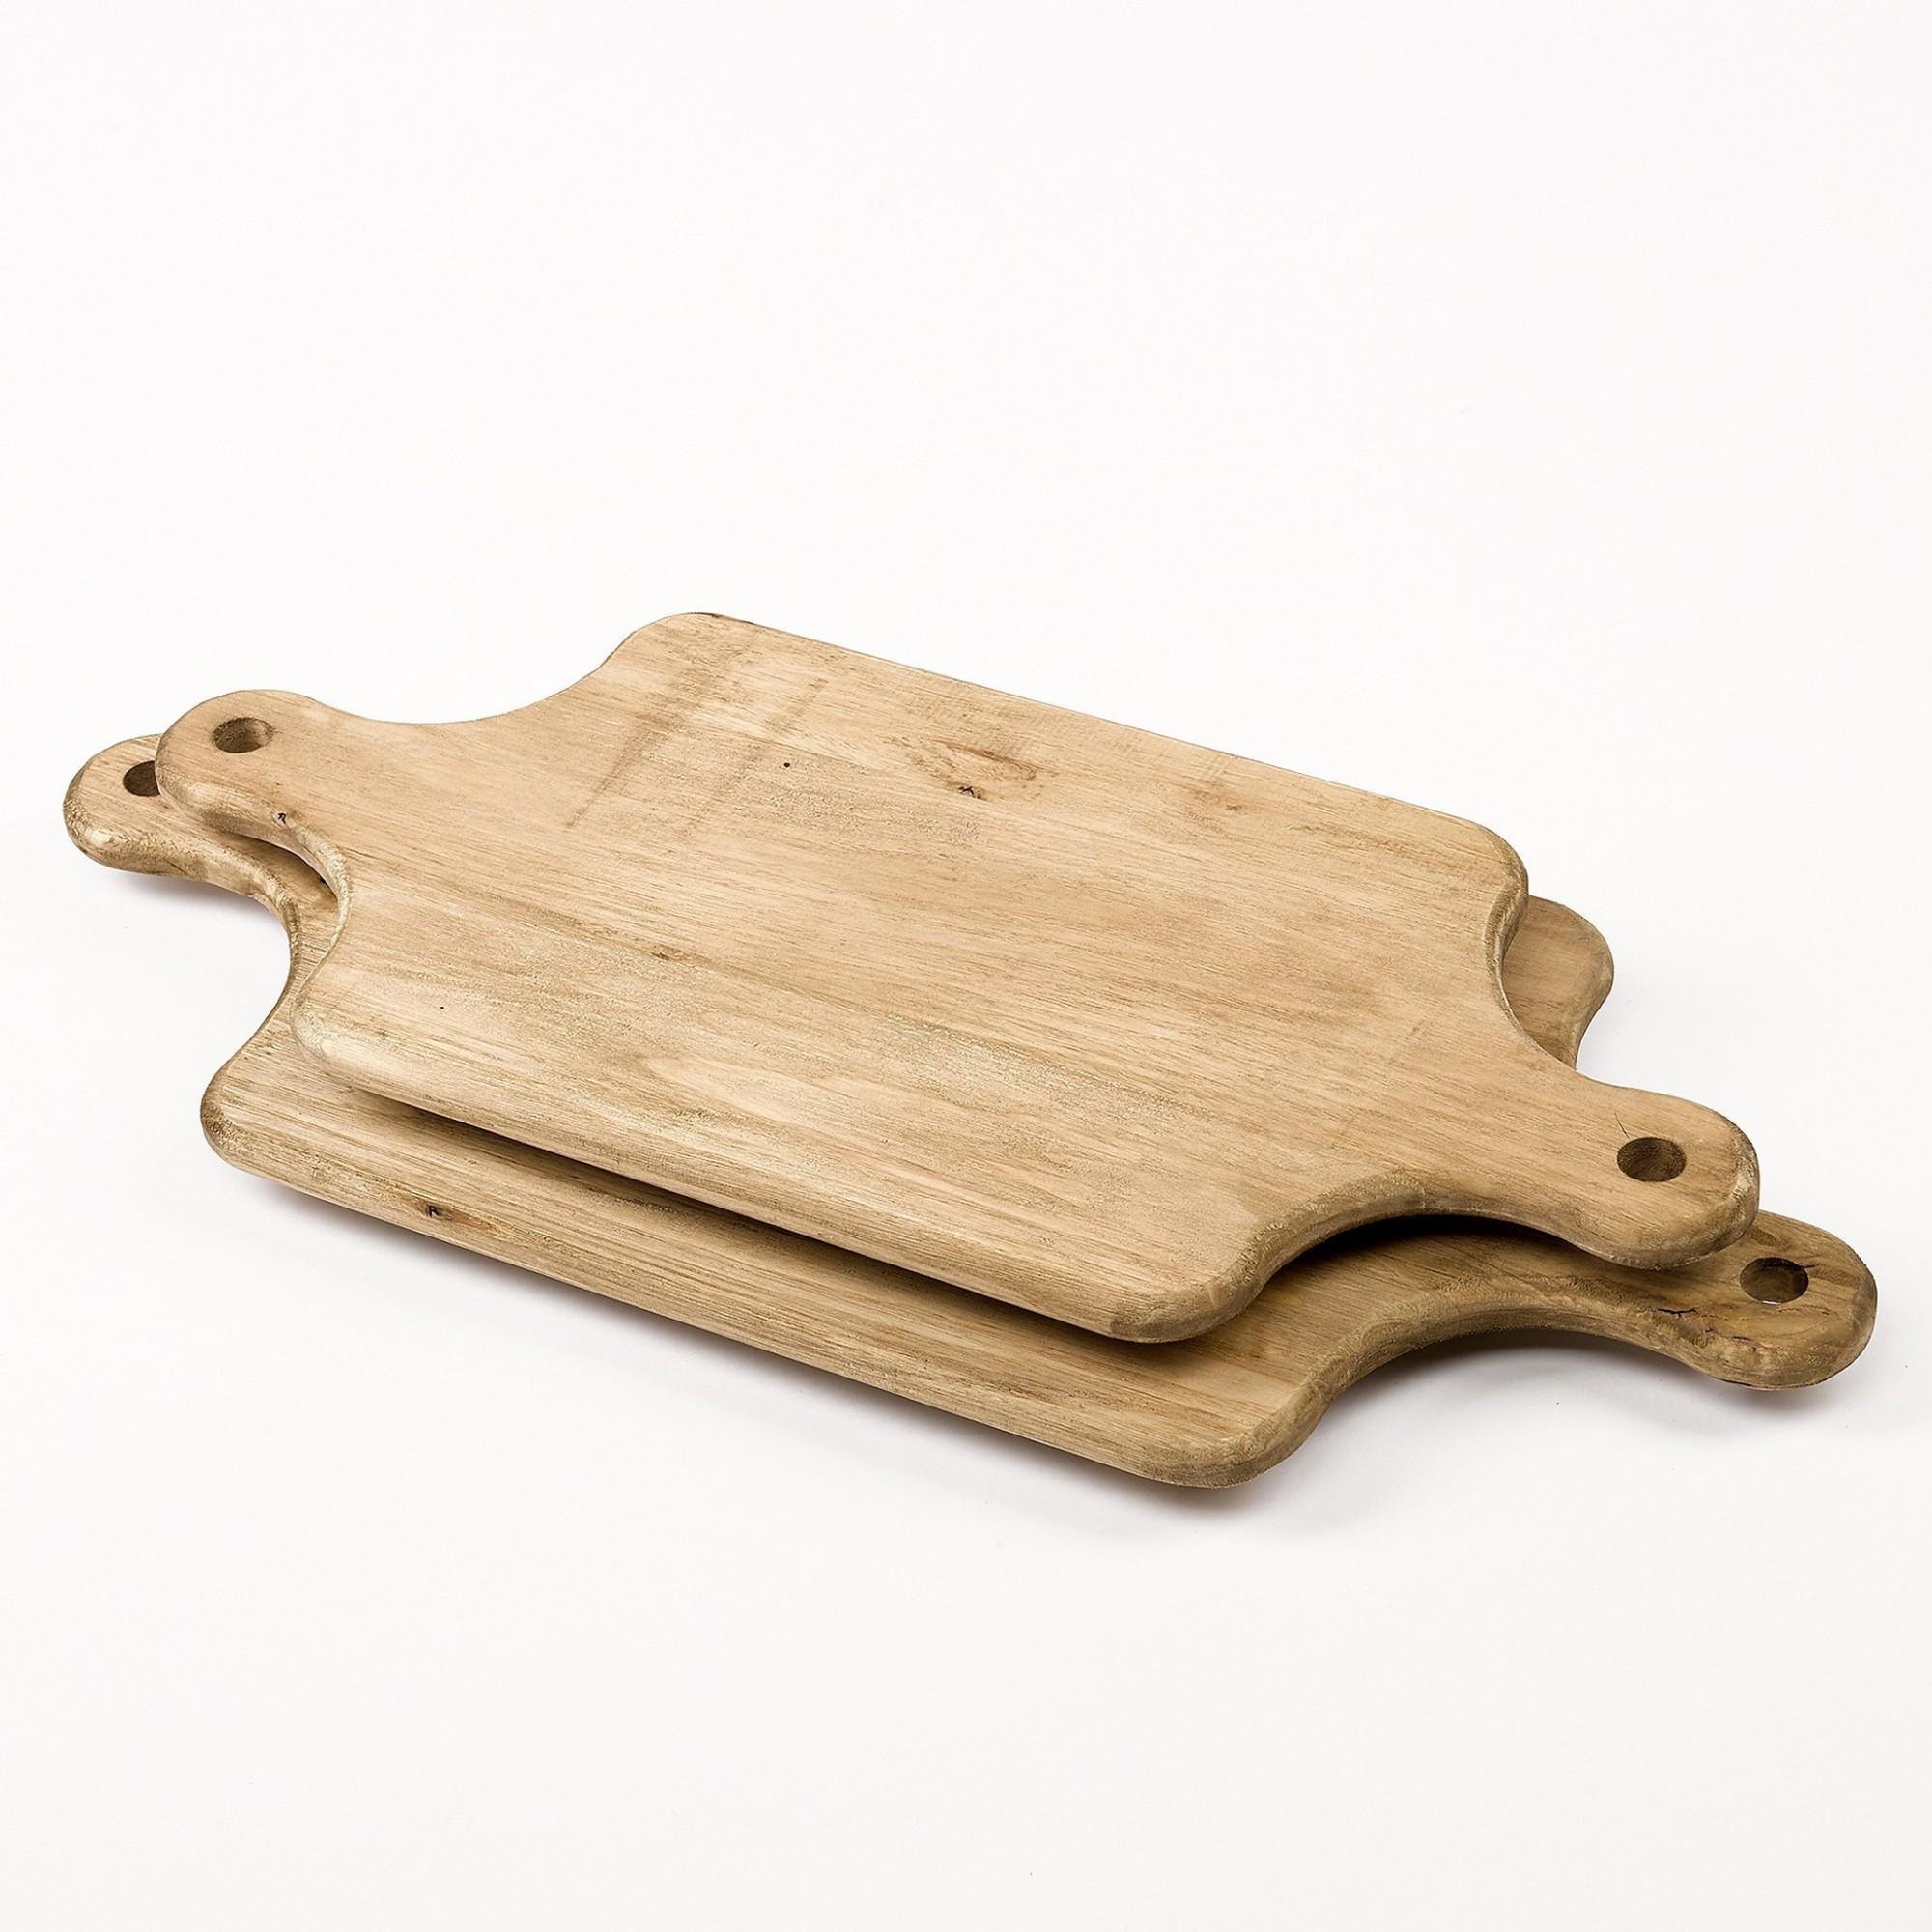 Afbeelding: Studio fotografie op locatie, houten snijplanken voor Simla.